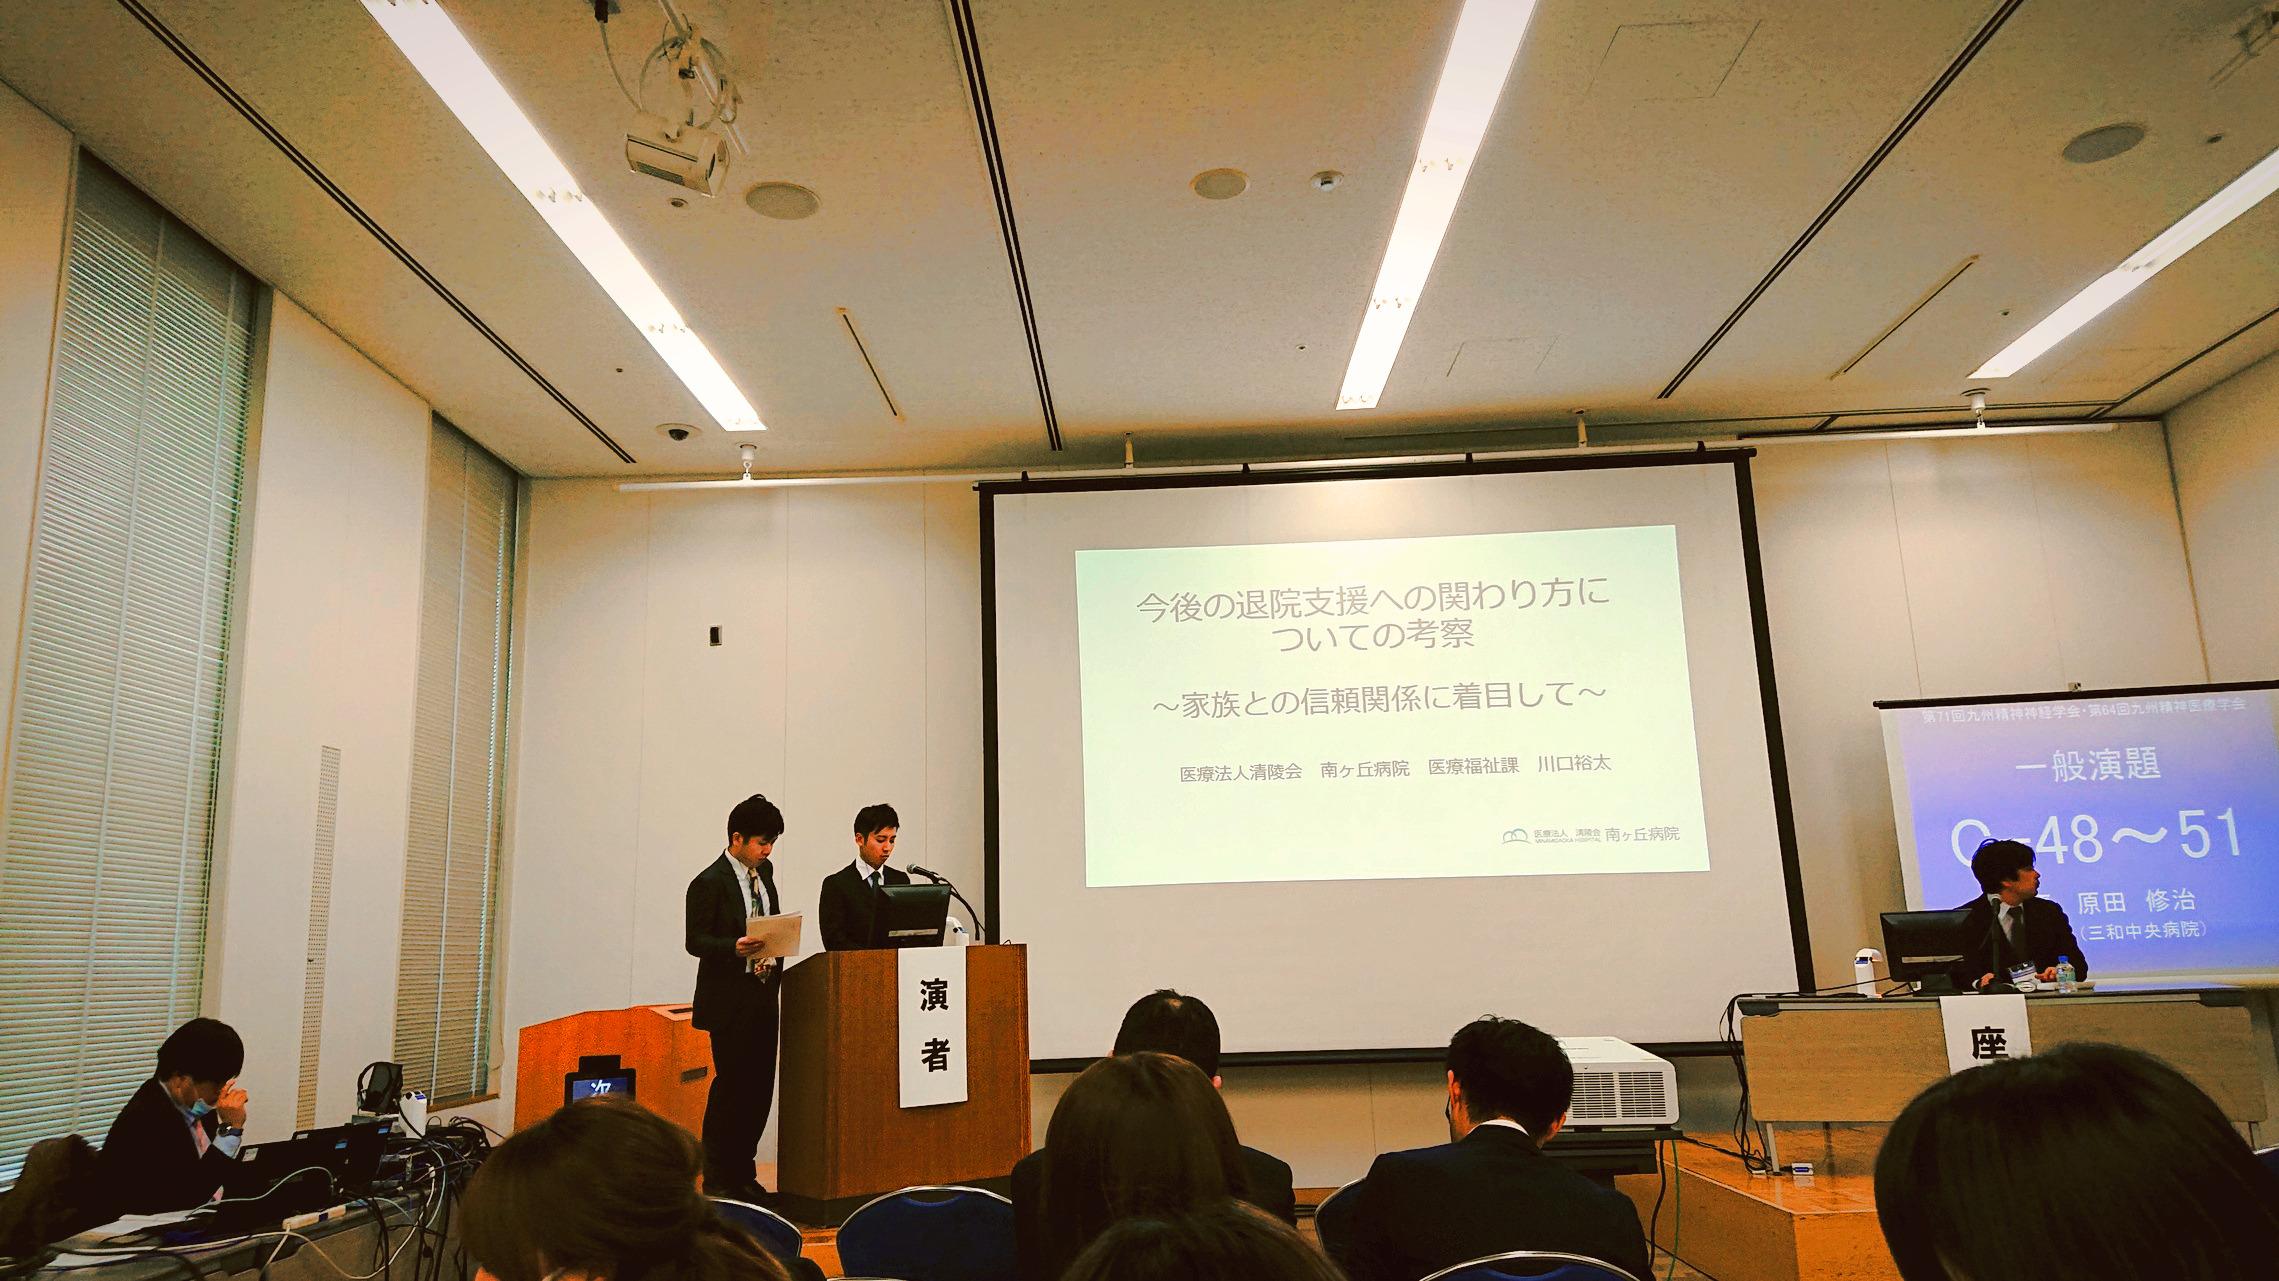 第71回九州精神神経学会/第64回九州精神医療学会